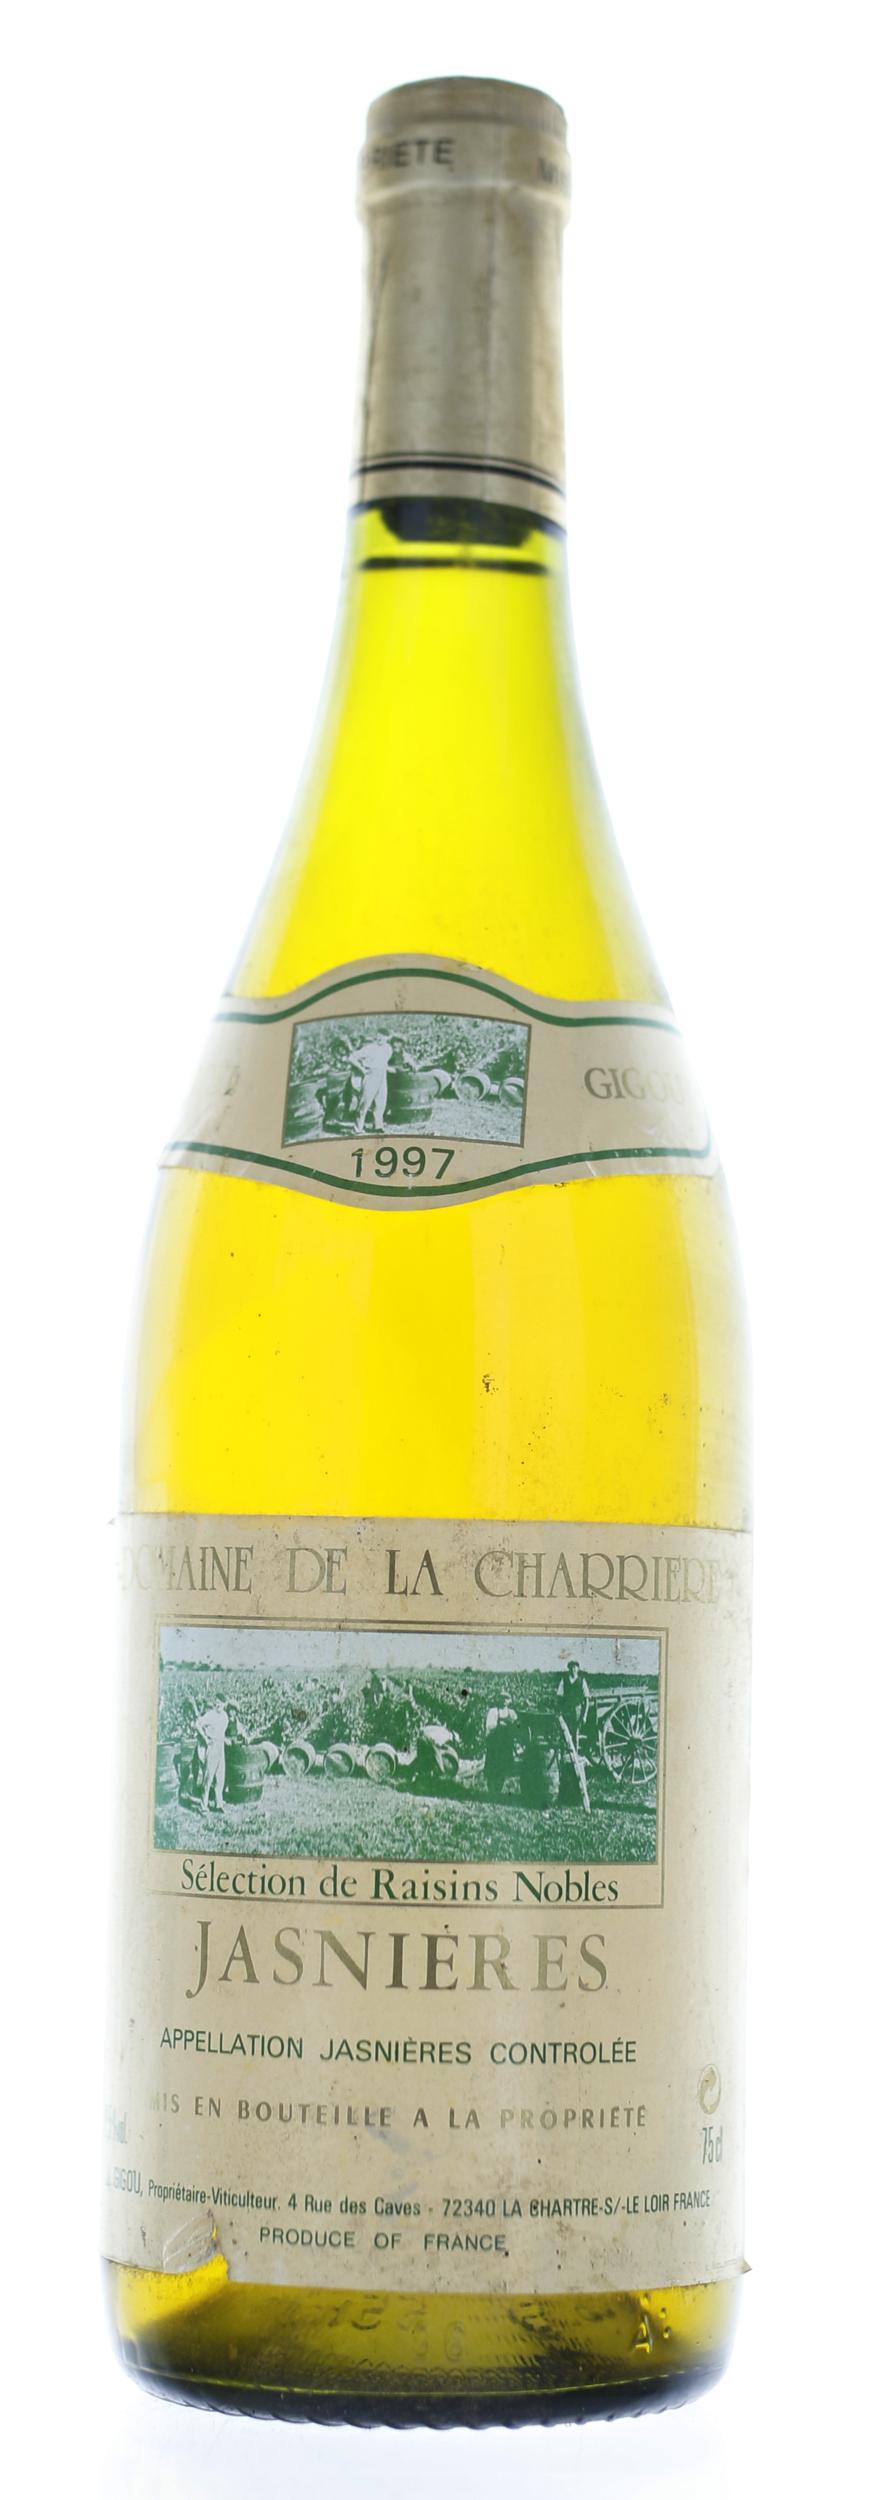 Jasniere - Domaine de la Charrière - 1997